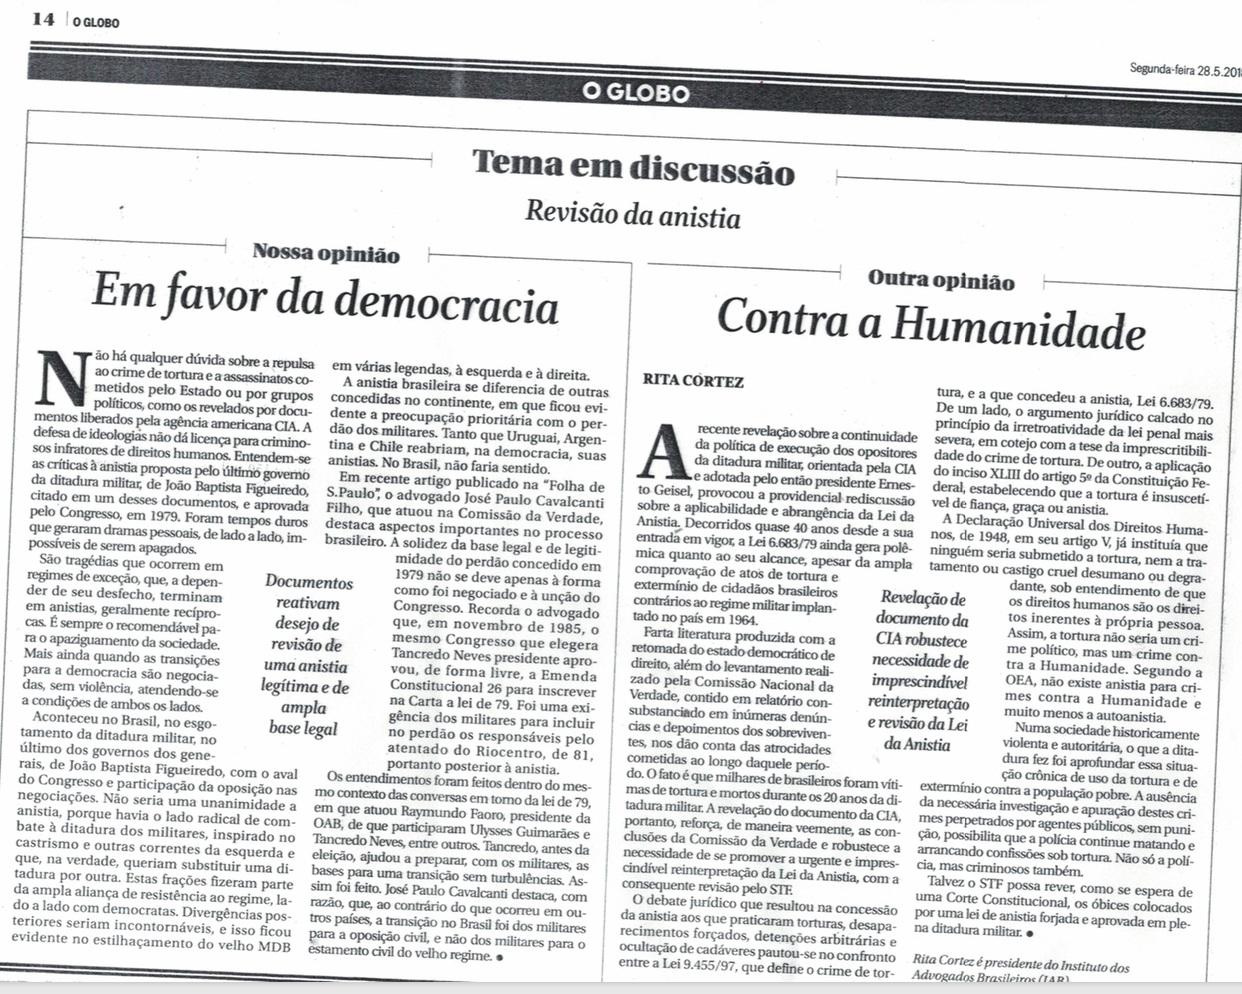 O Globo publica artigo de Rita Cortez sobre a Revisão da Anistia